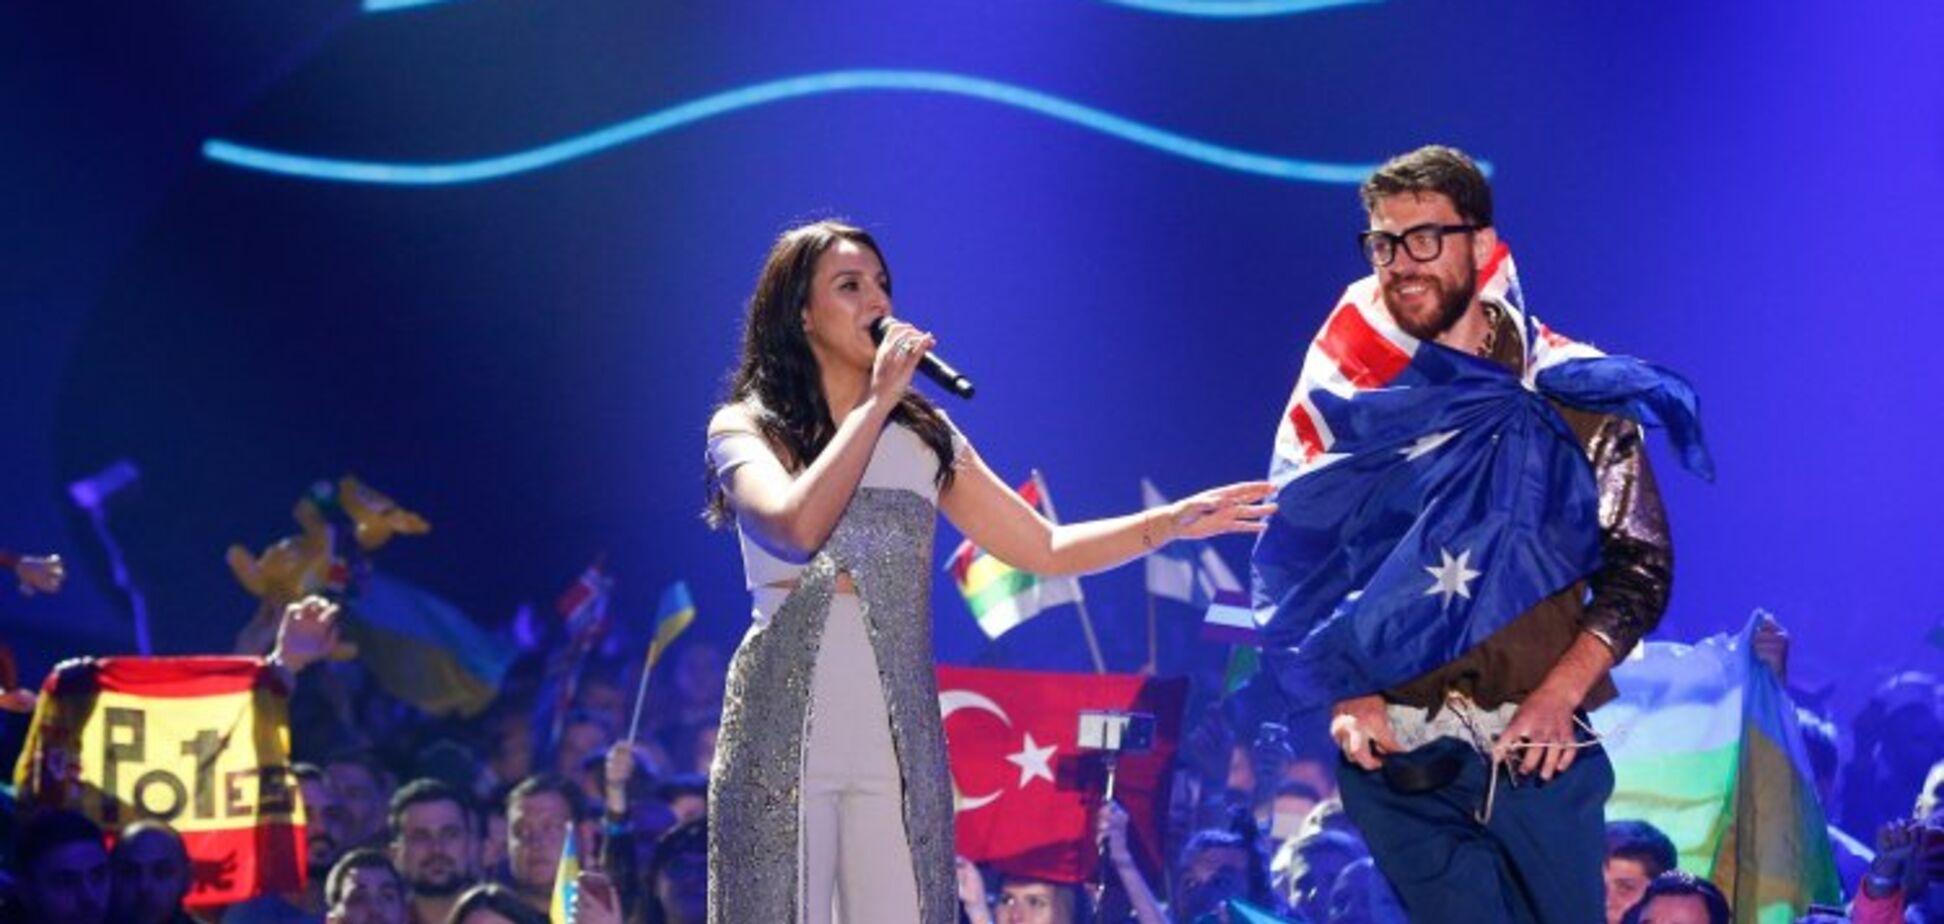 'С моим лучшим другом': голозадый герой 'Евровидения' удивил неожиданным селфи